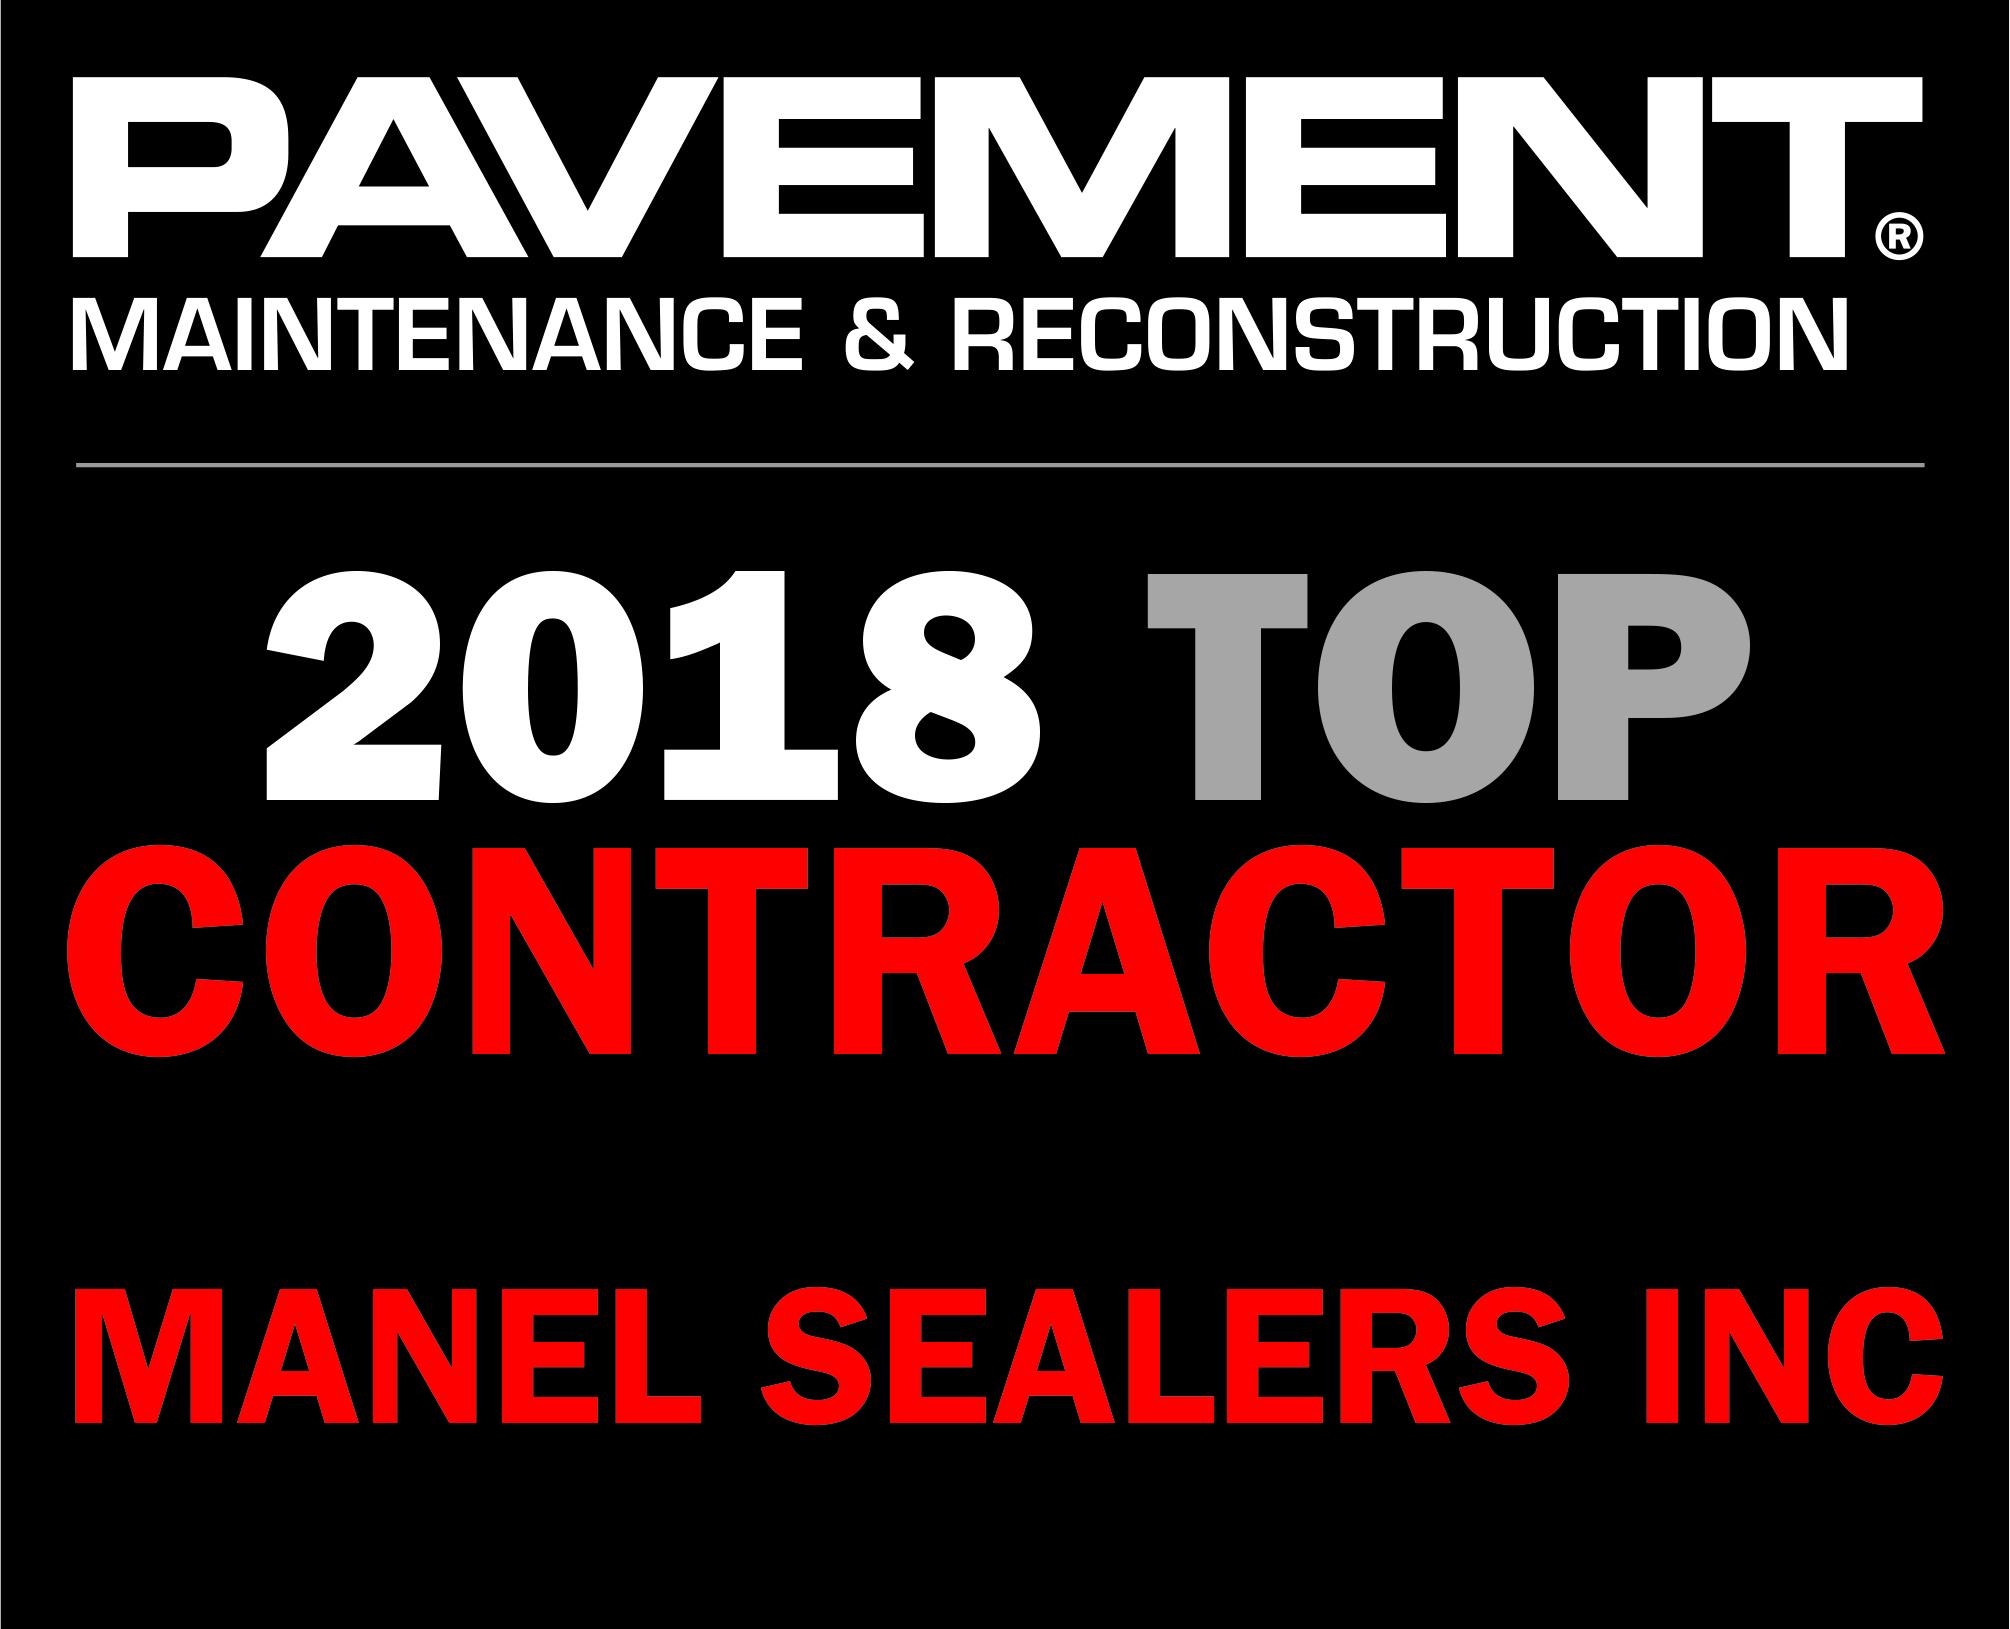 2018 Top Contractor